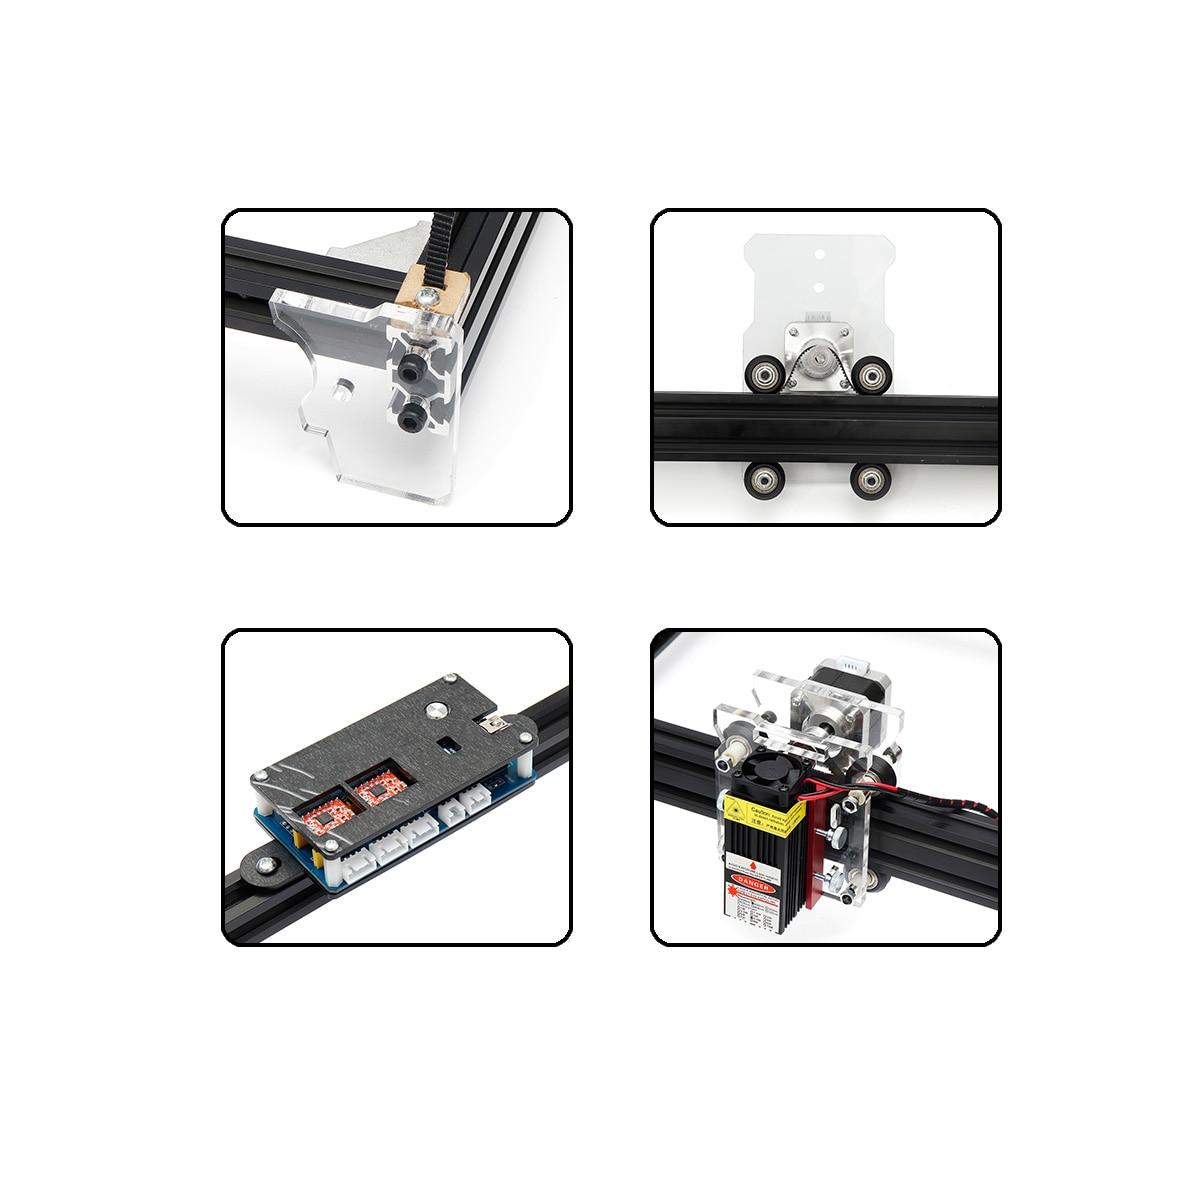 12V Mini 5500mW 65*55cm bleu CNC Machine de gravure Laser 2 axes bricolage maison graveur bureau bois routeur/Cutter/imprimante Machine-outil - 5